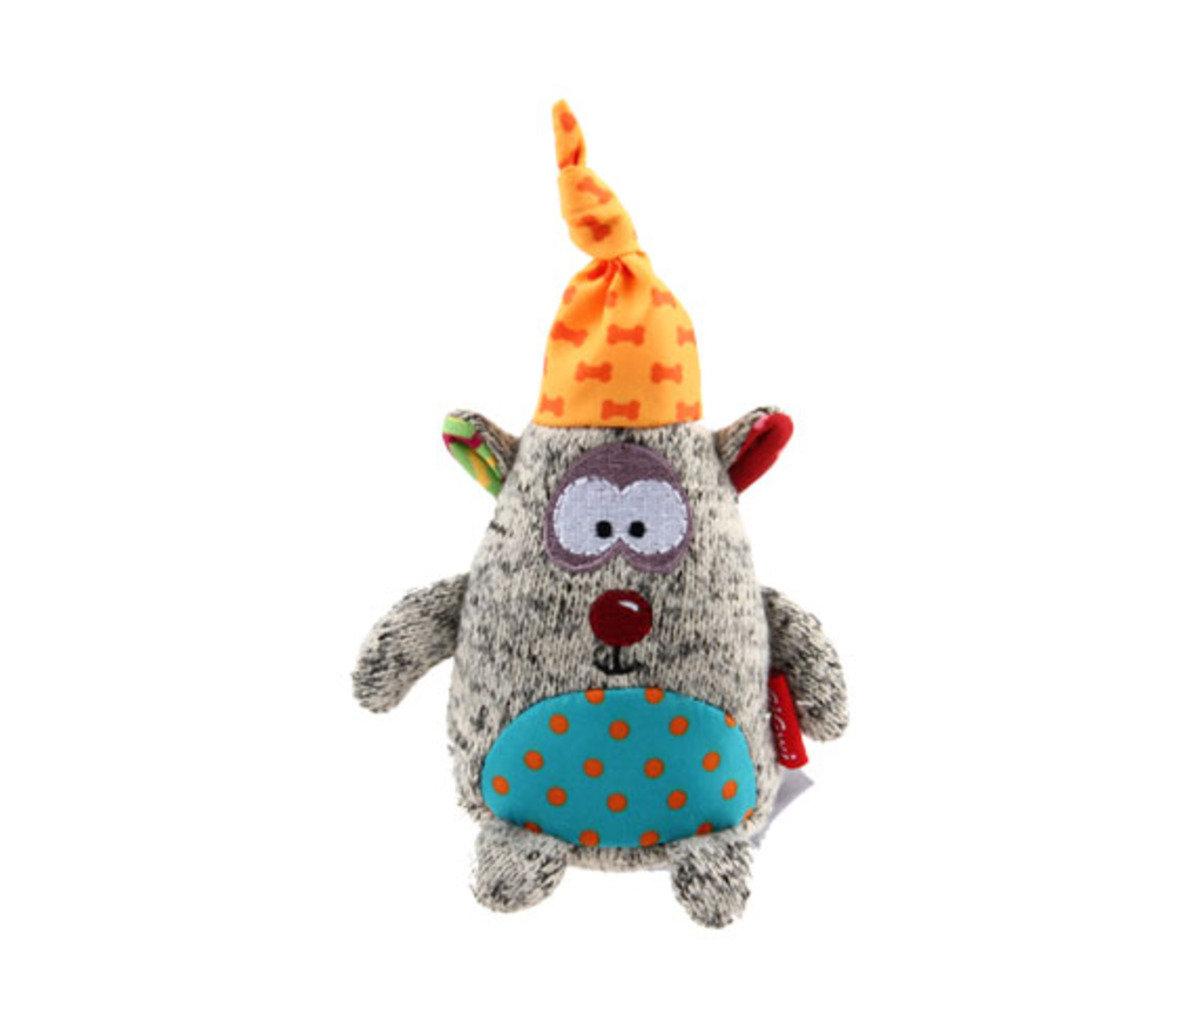 趣緻灰熊針織公仔狗玩具(發聲)